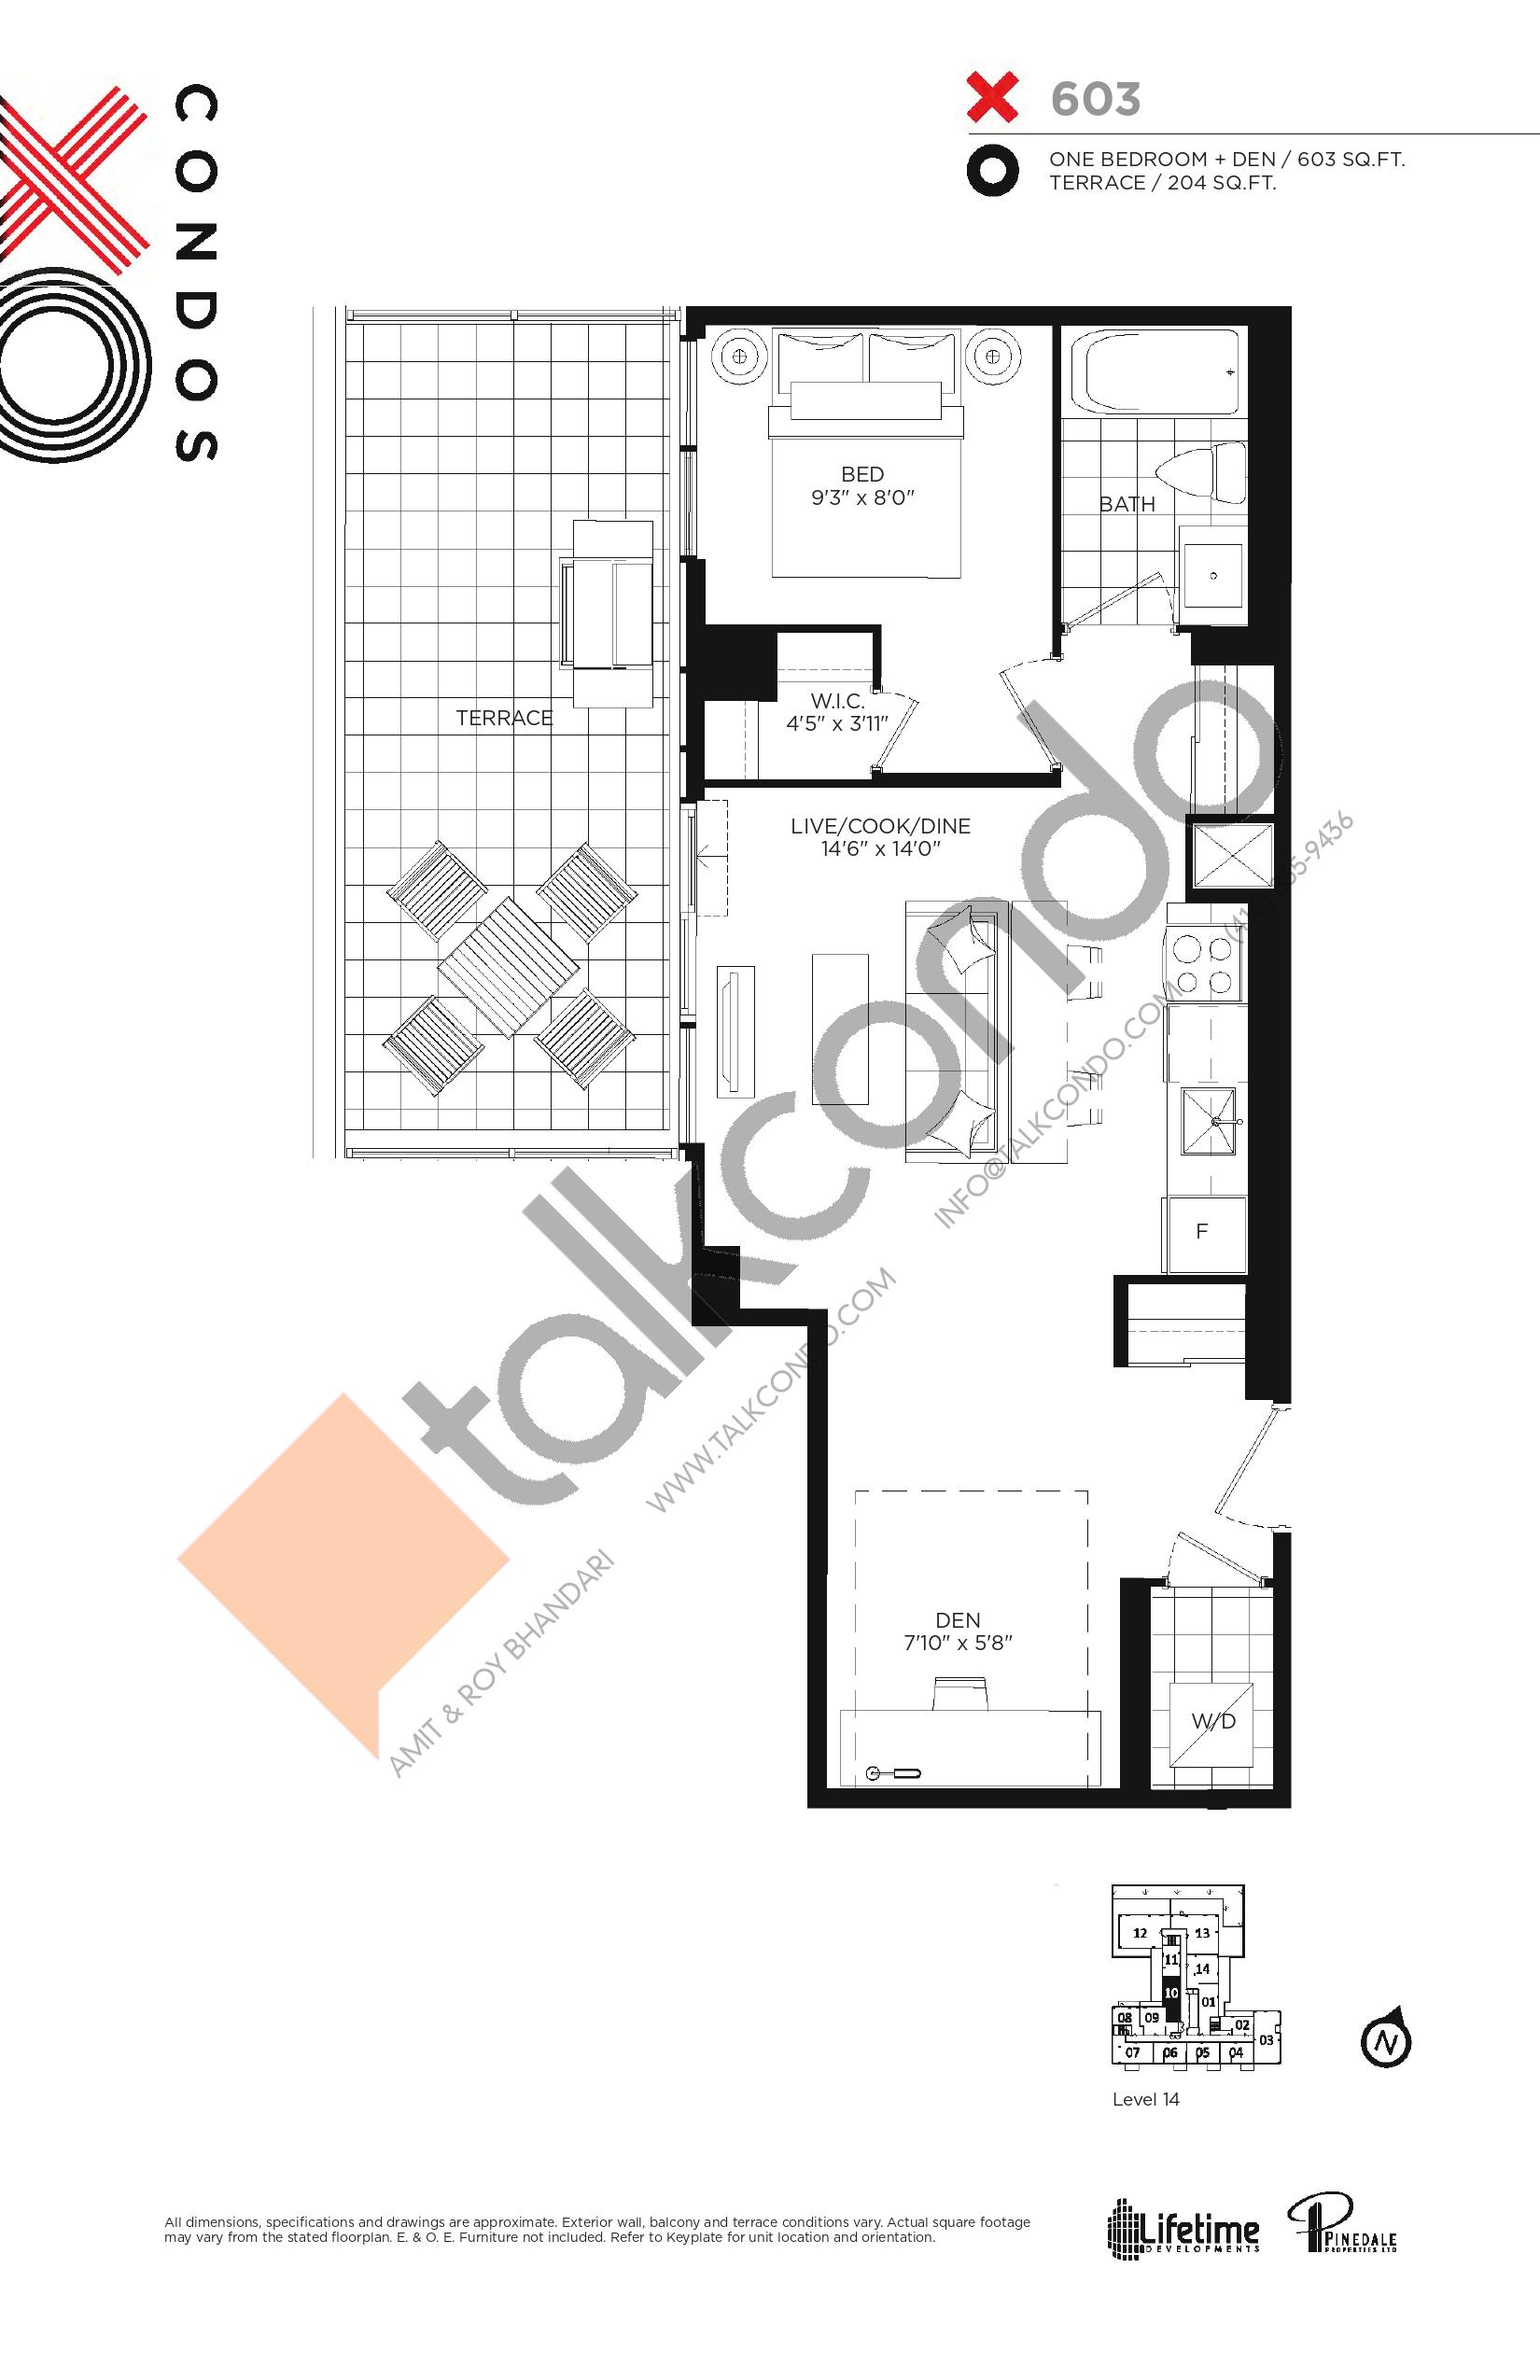 X603 Floor Plan at XO Condos - 603 sq.ft